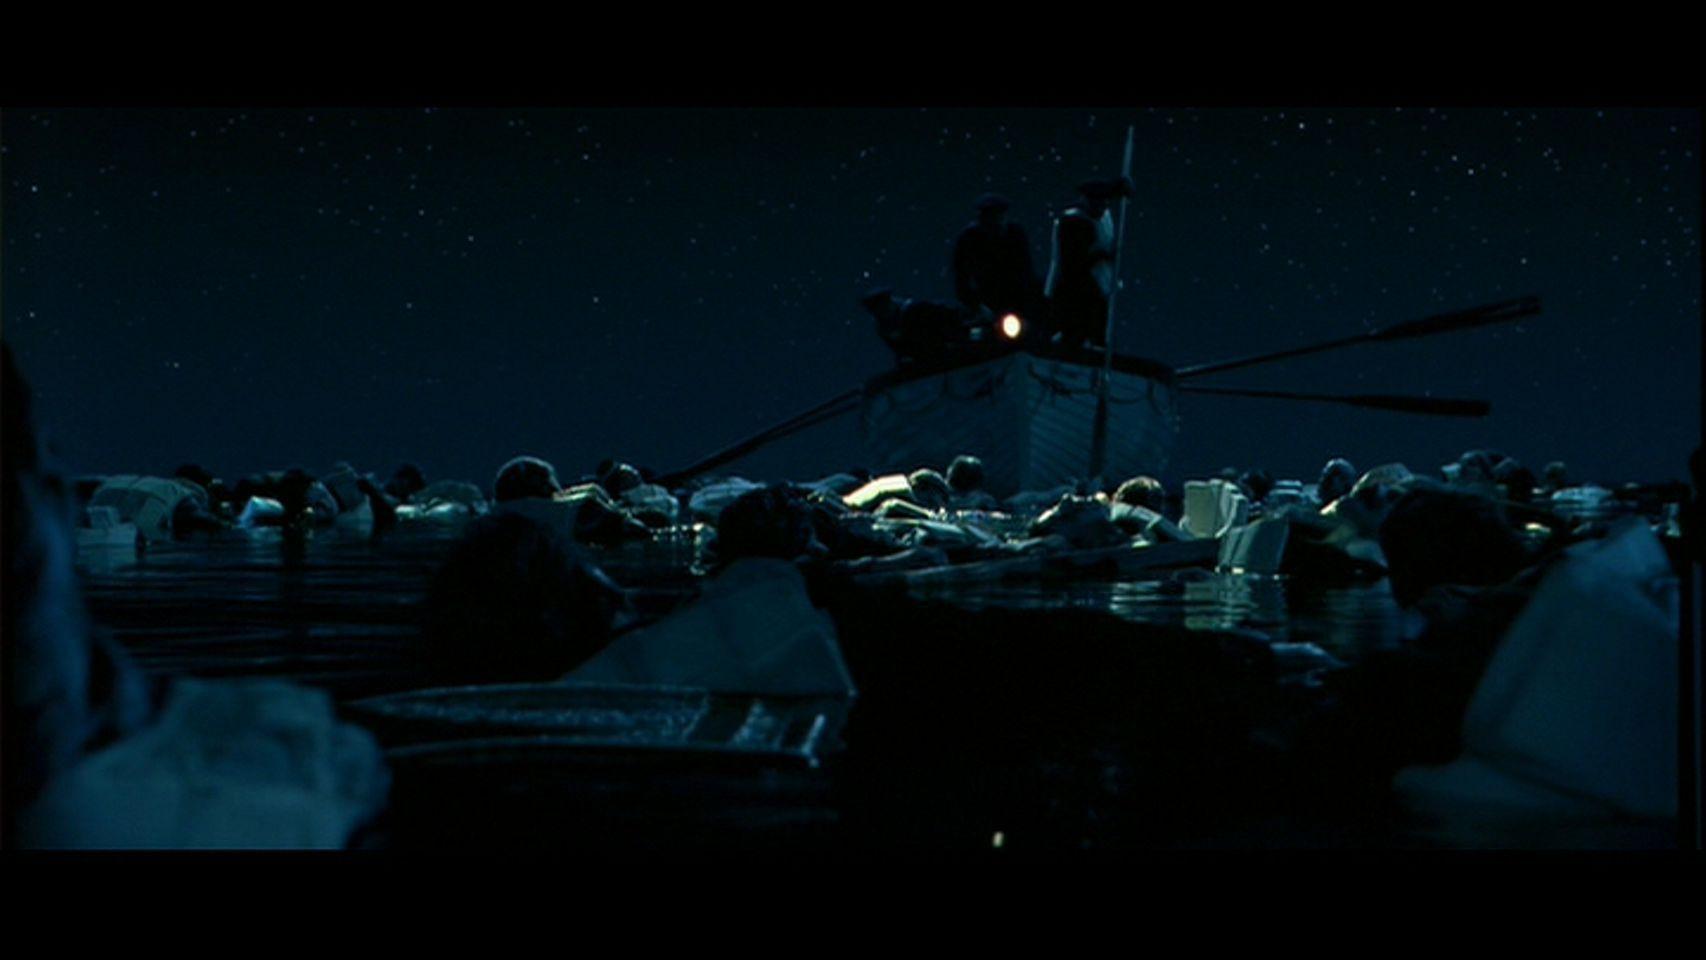 Titanic [1997] - Titanic Image (22288894) - Fanpop